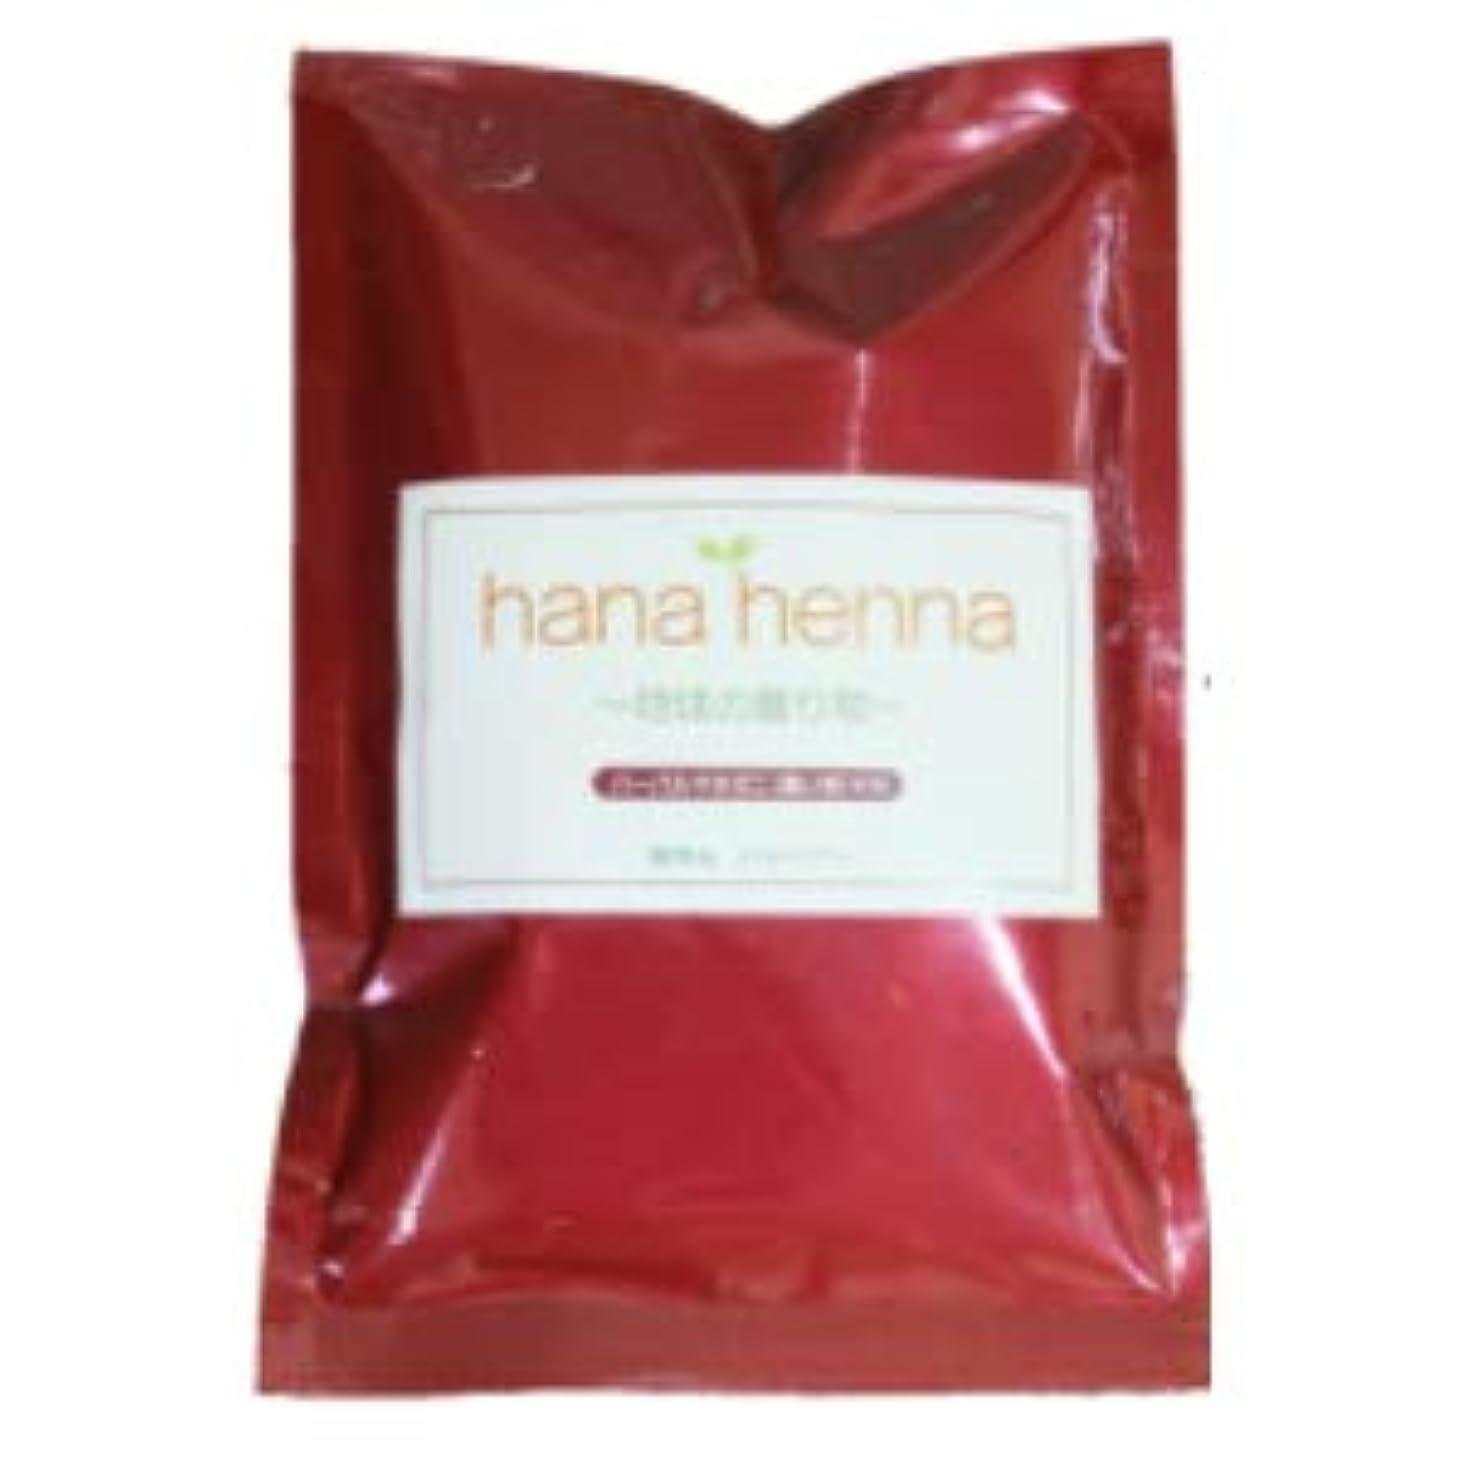 飛ぶネックレット厚くする?hana henna?ハナヘナ ハーバルマホガニー(濃い茶) (100g)